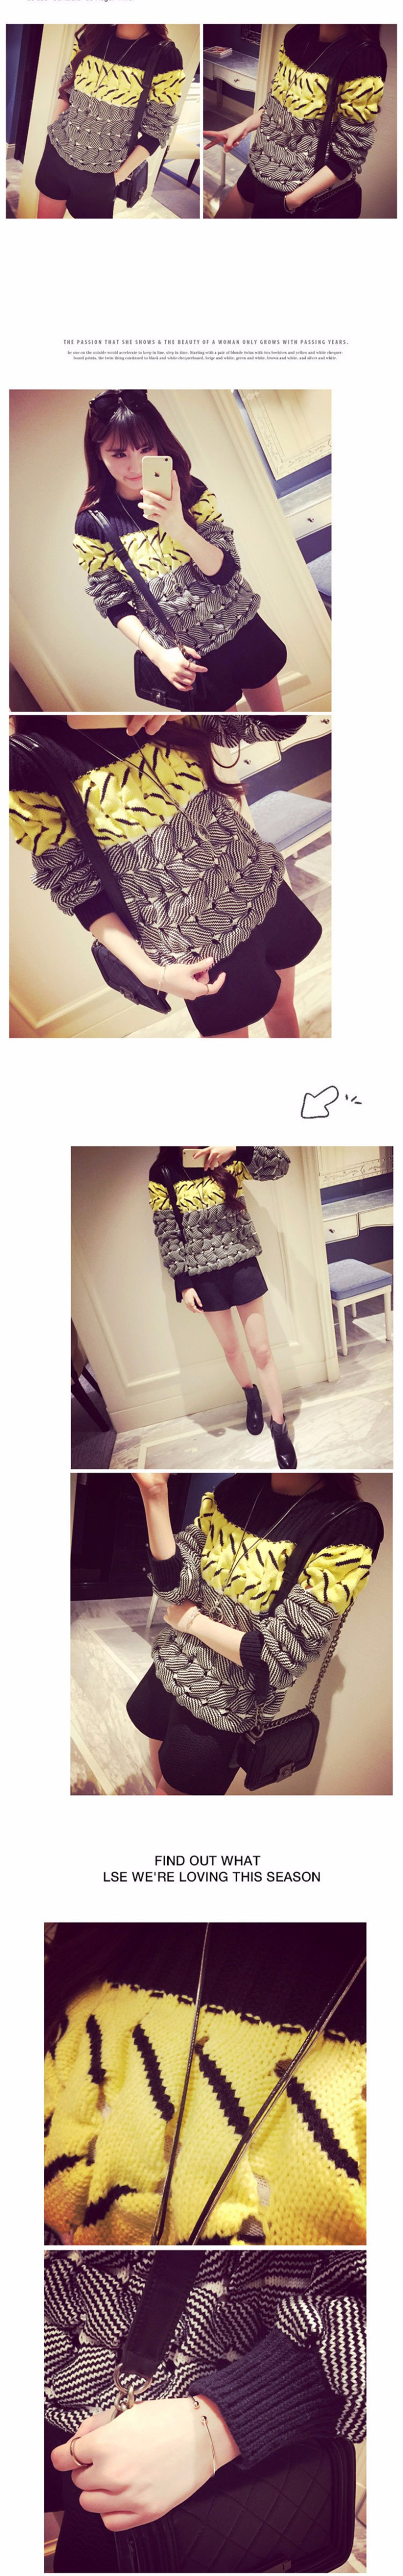 winter sweater women 0